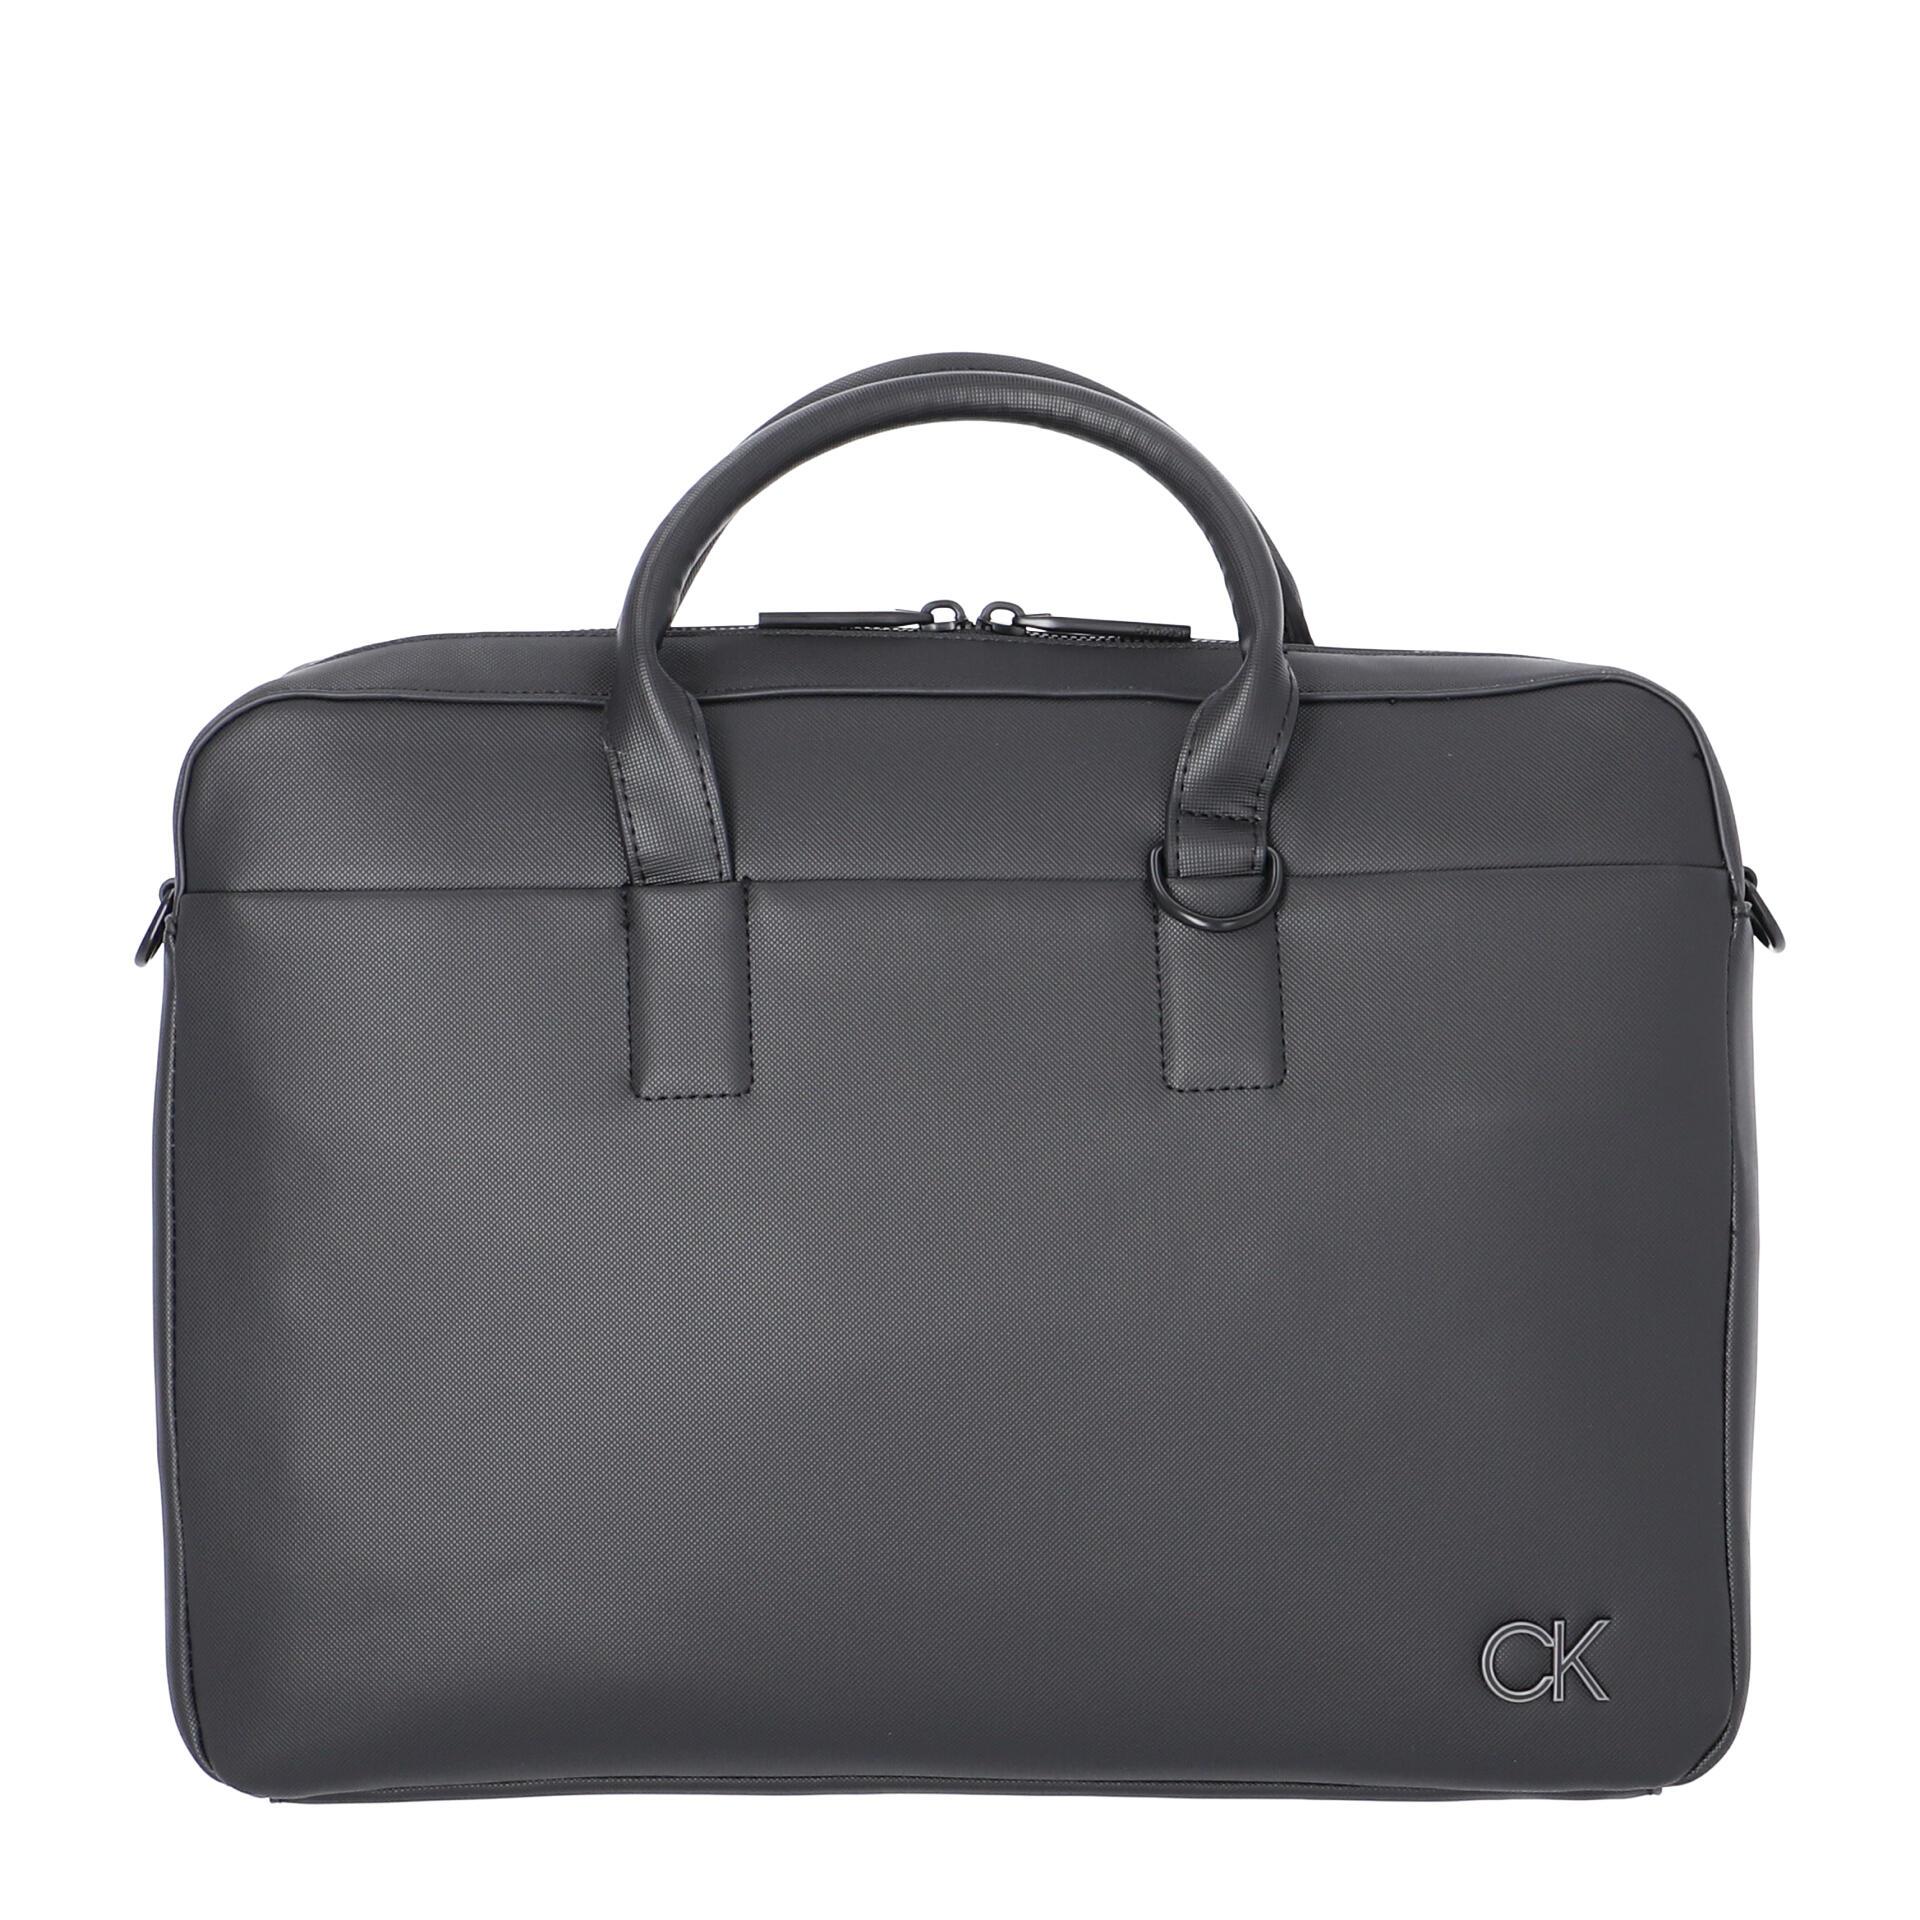 Calvin Klein CK Clean Laptoptasche black